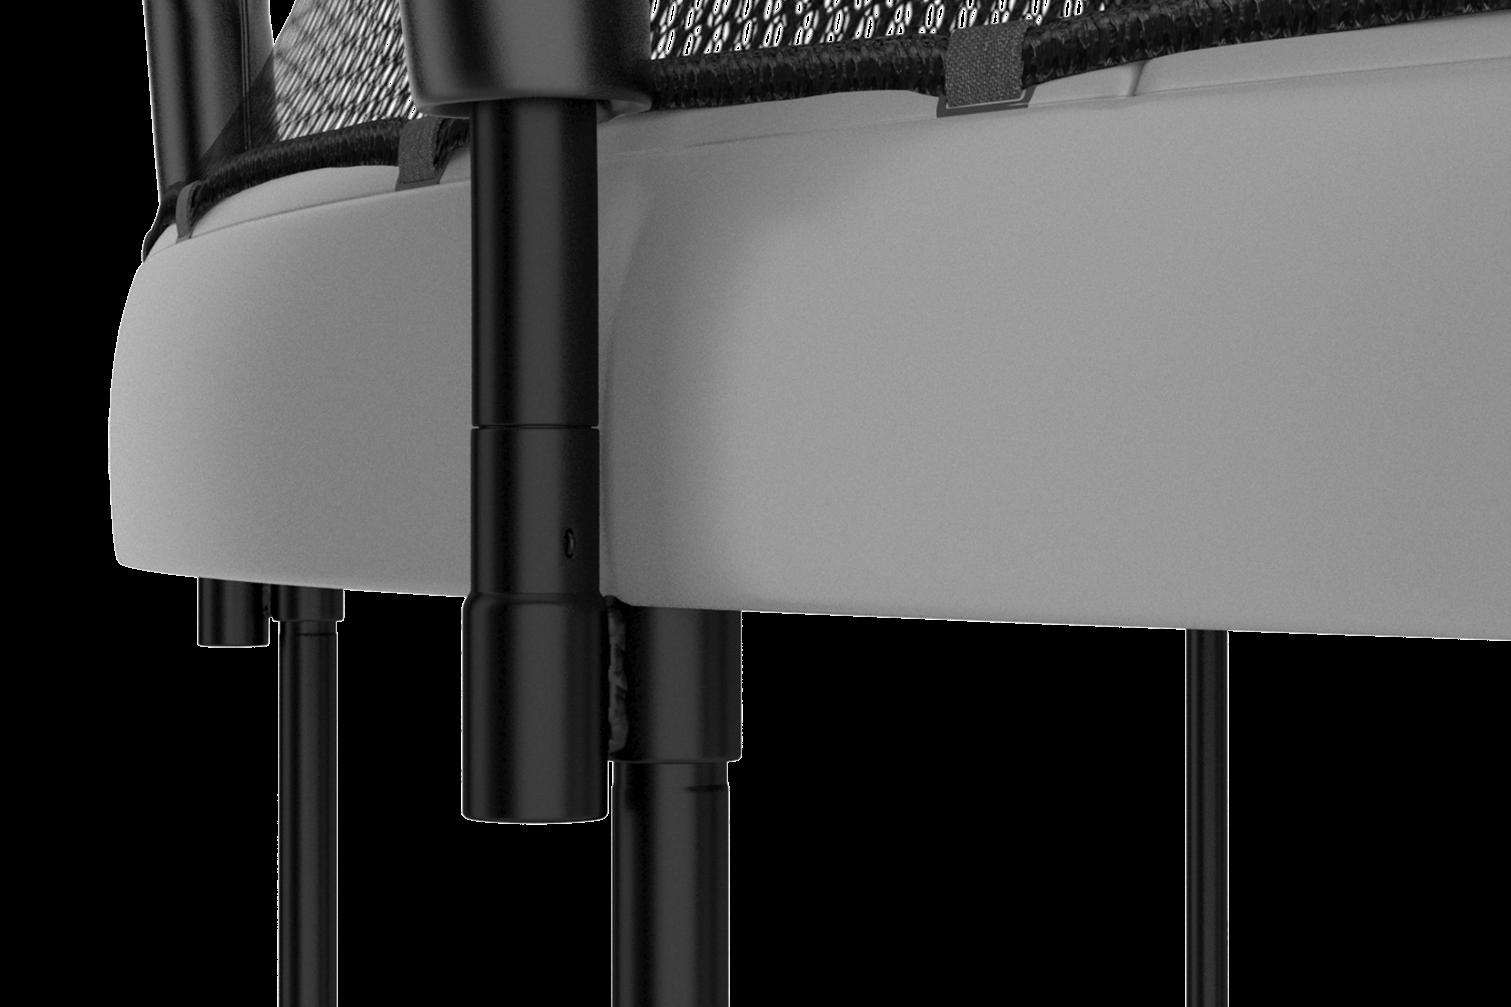 AkroClick sustav omogućava vrlo jednostavnu montažu nosive konstrukcije bez vijaka i alata